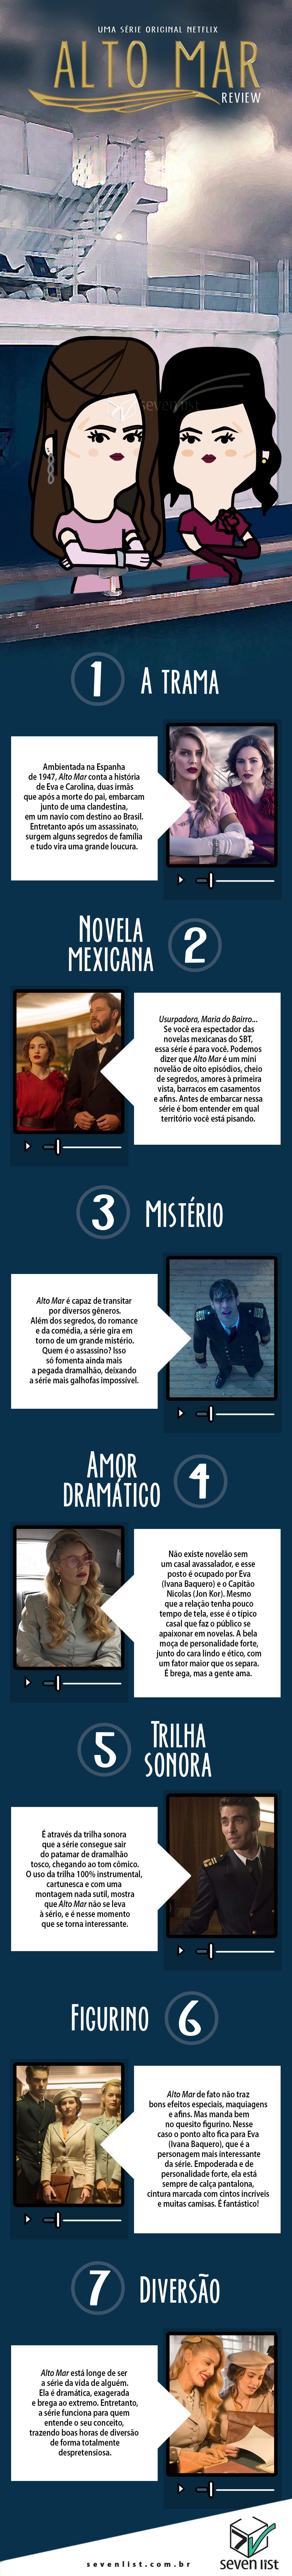 ALTO MAR - CRÍTICA - NETFLIX - SEVEN LIST